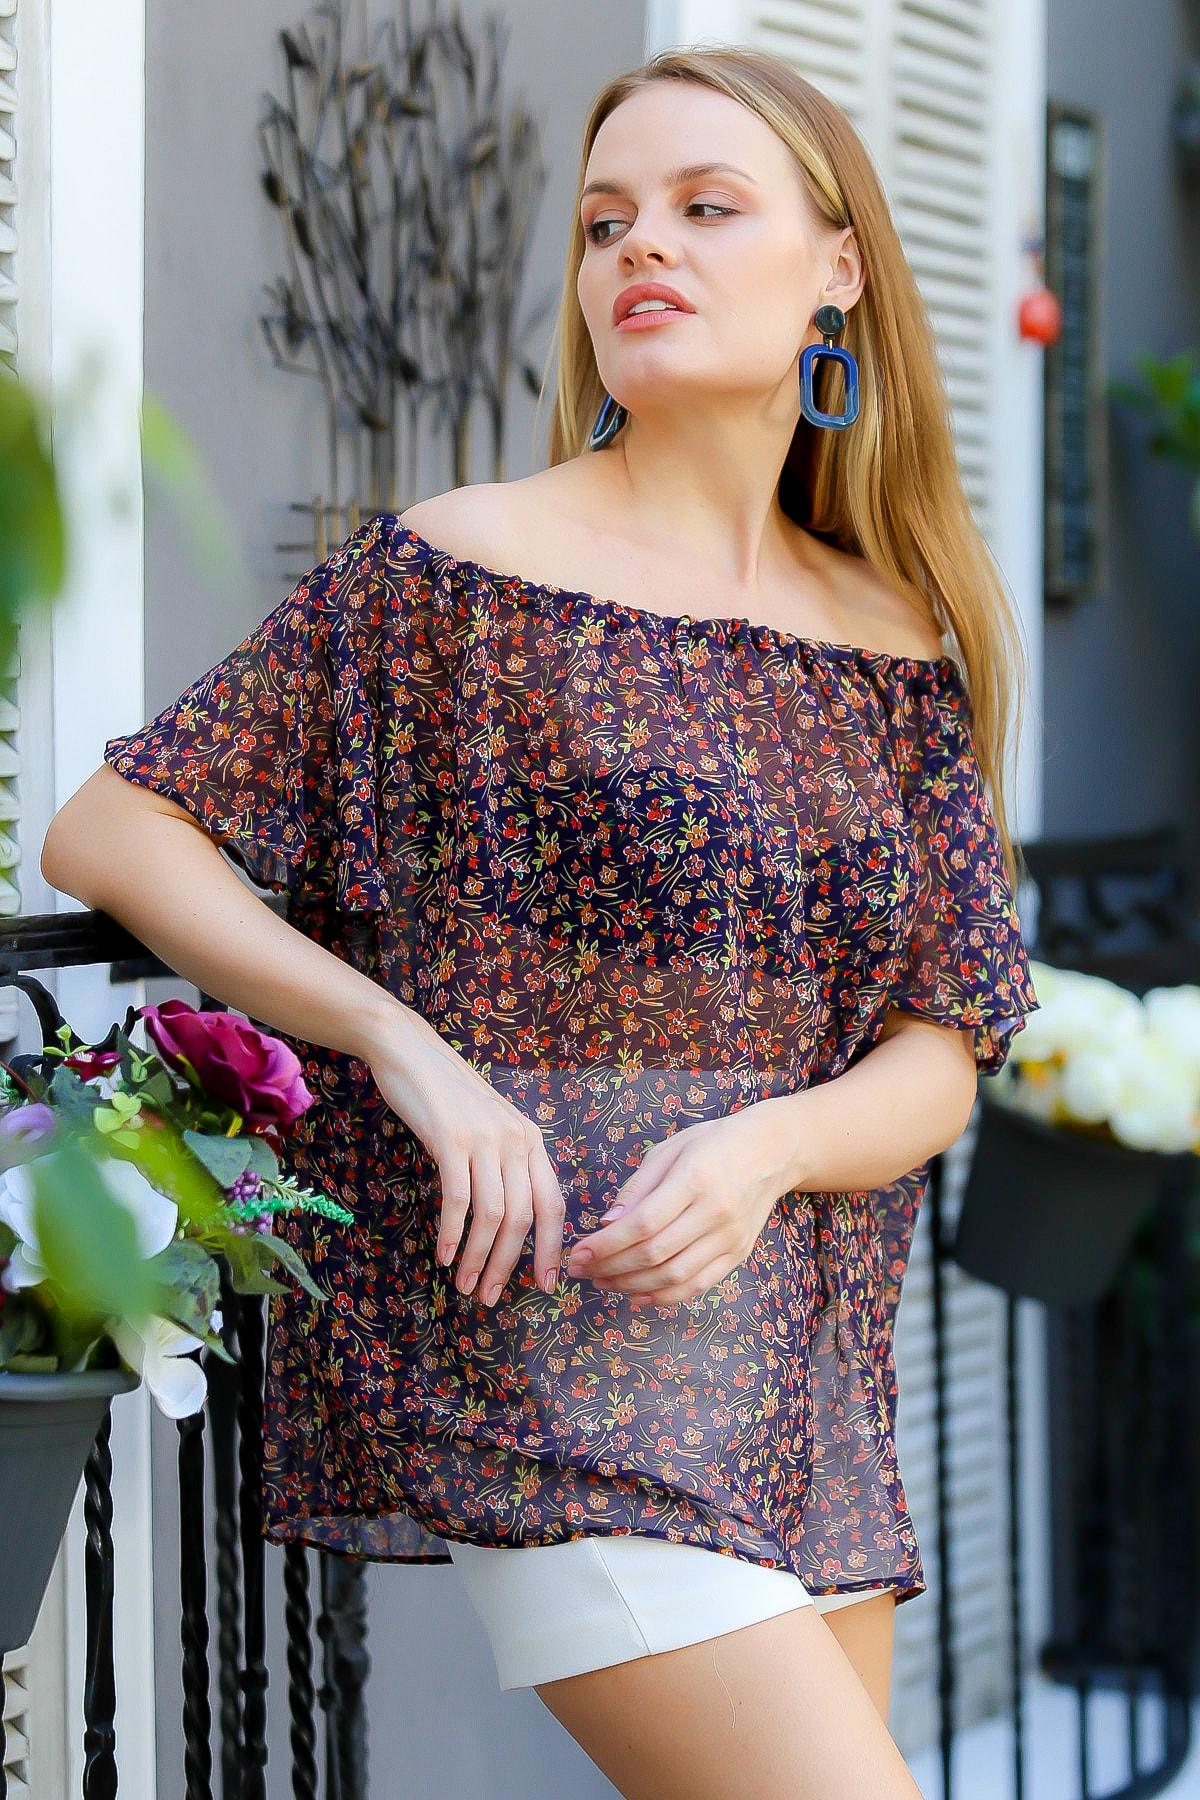 Chiccy Kadın Lacivert Carmen Yaka Büzgülü Çıtır Çiçek Desenli Salaş Şifon Bluz M10010200BL95102